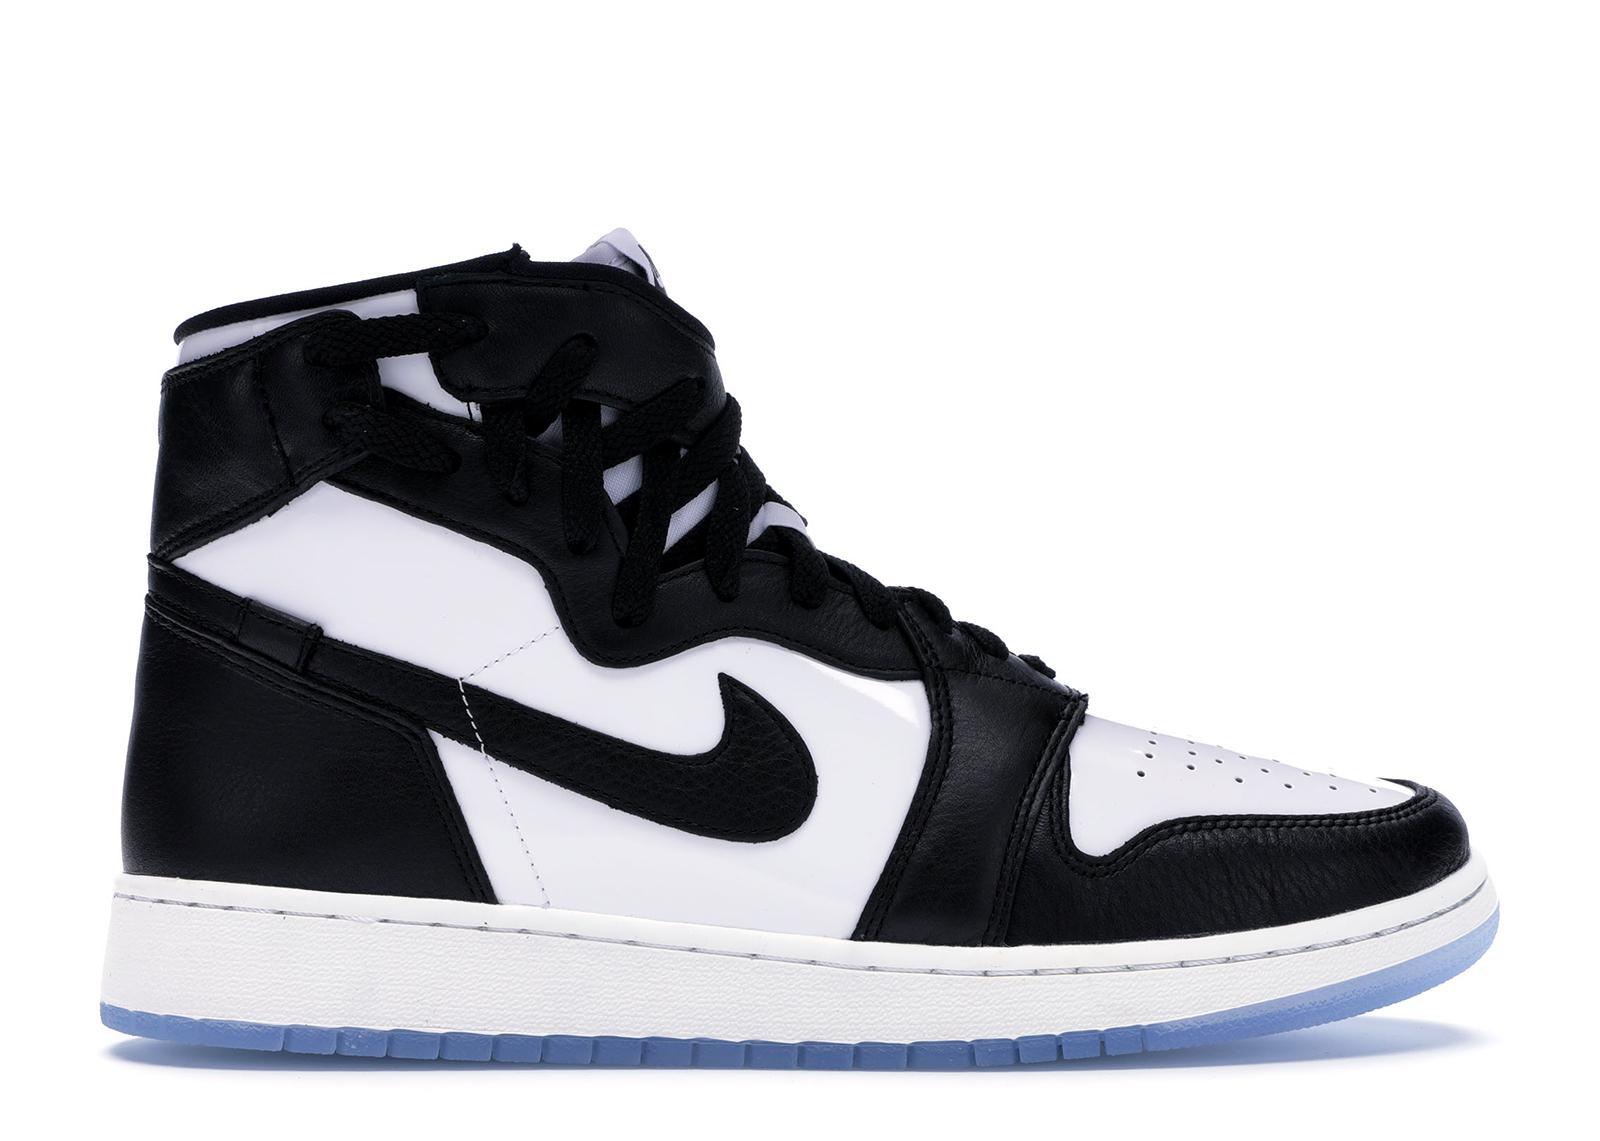 Lyst - Nike 1 Rebel Xx Concord (w) in Black - Save 7% 10ac69fc37b3